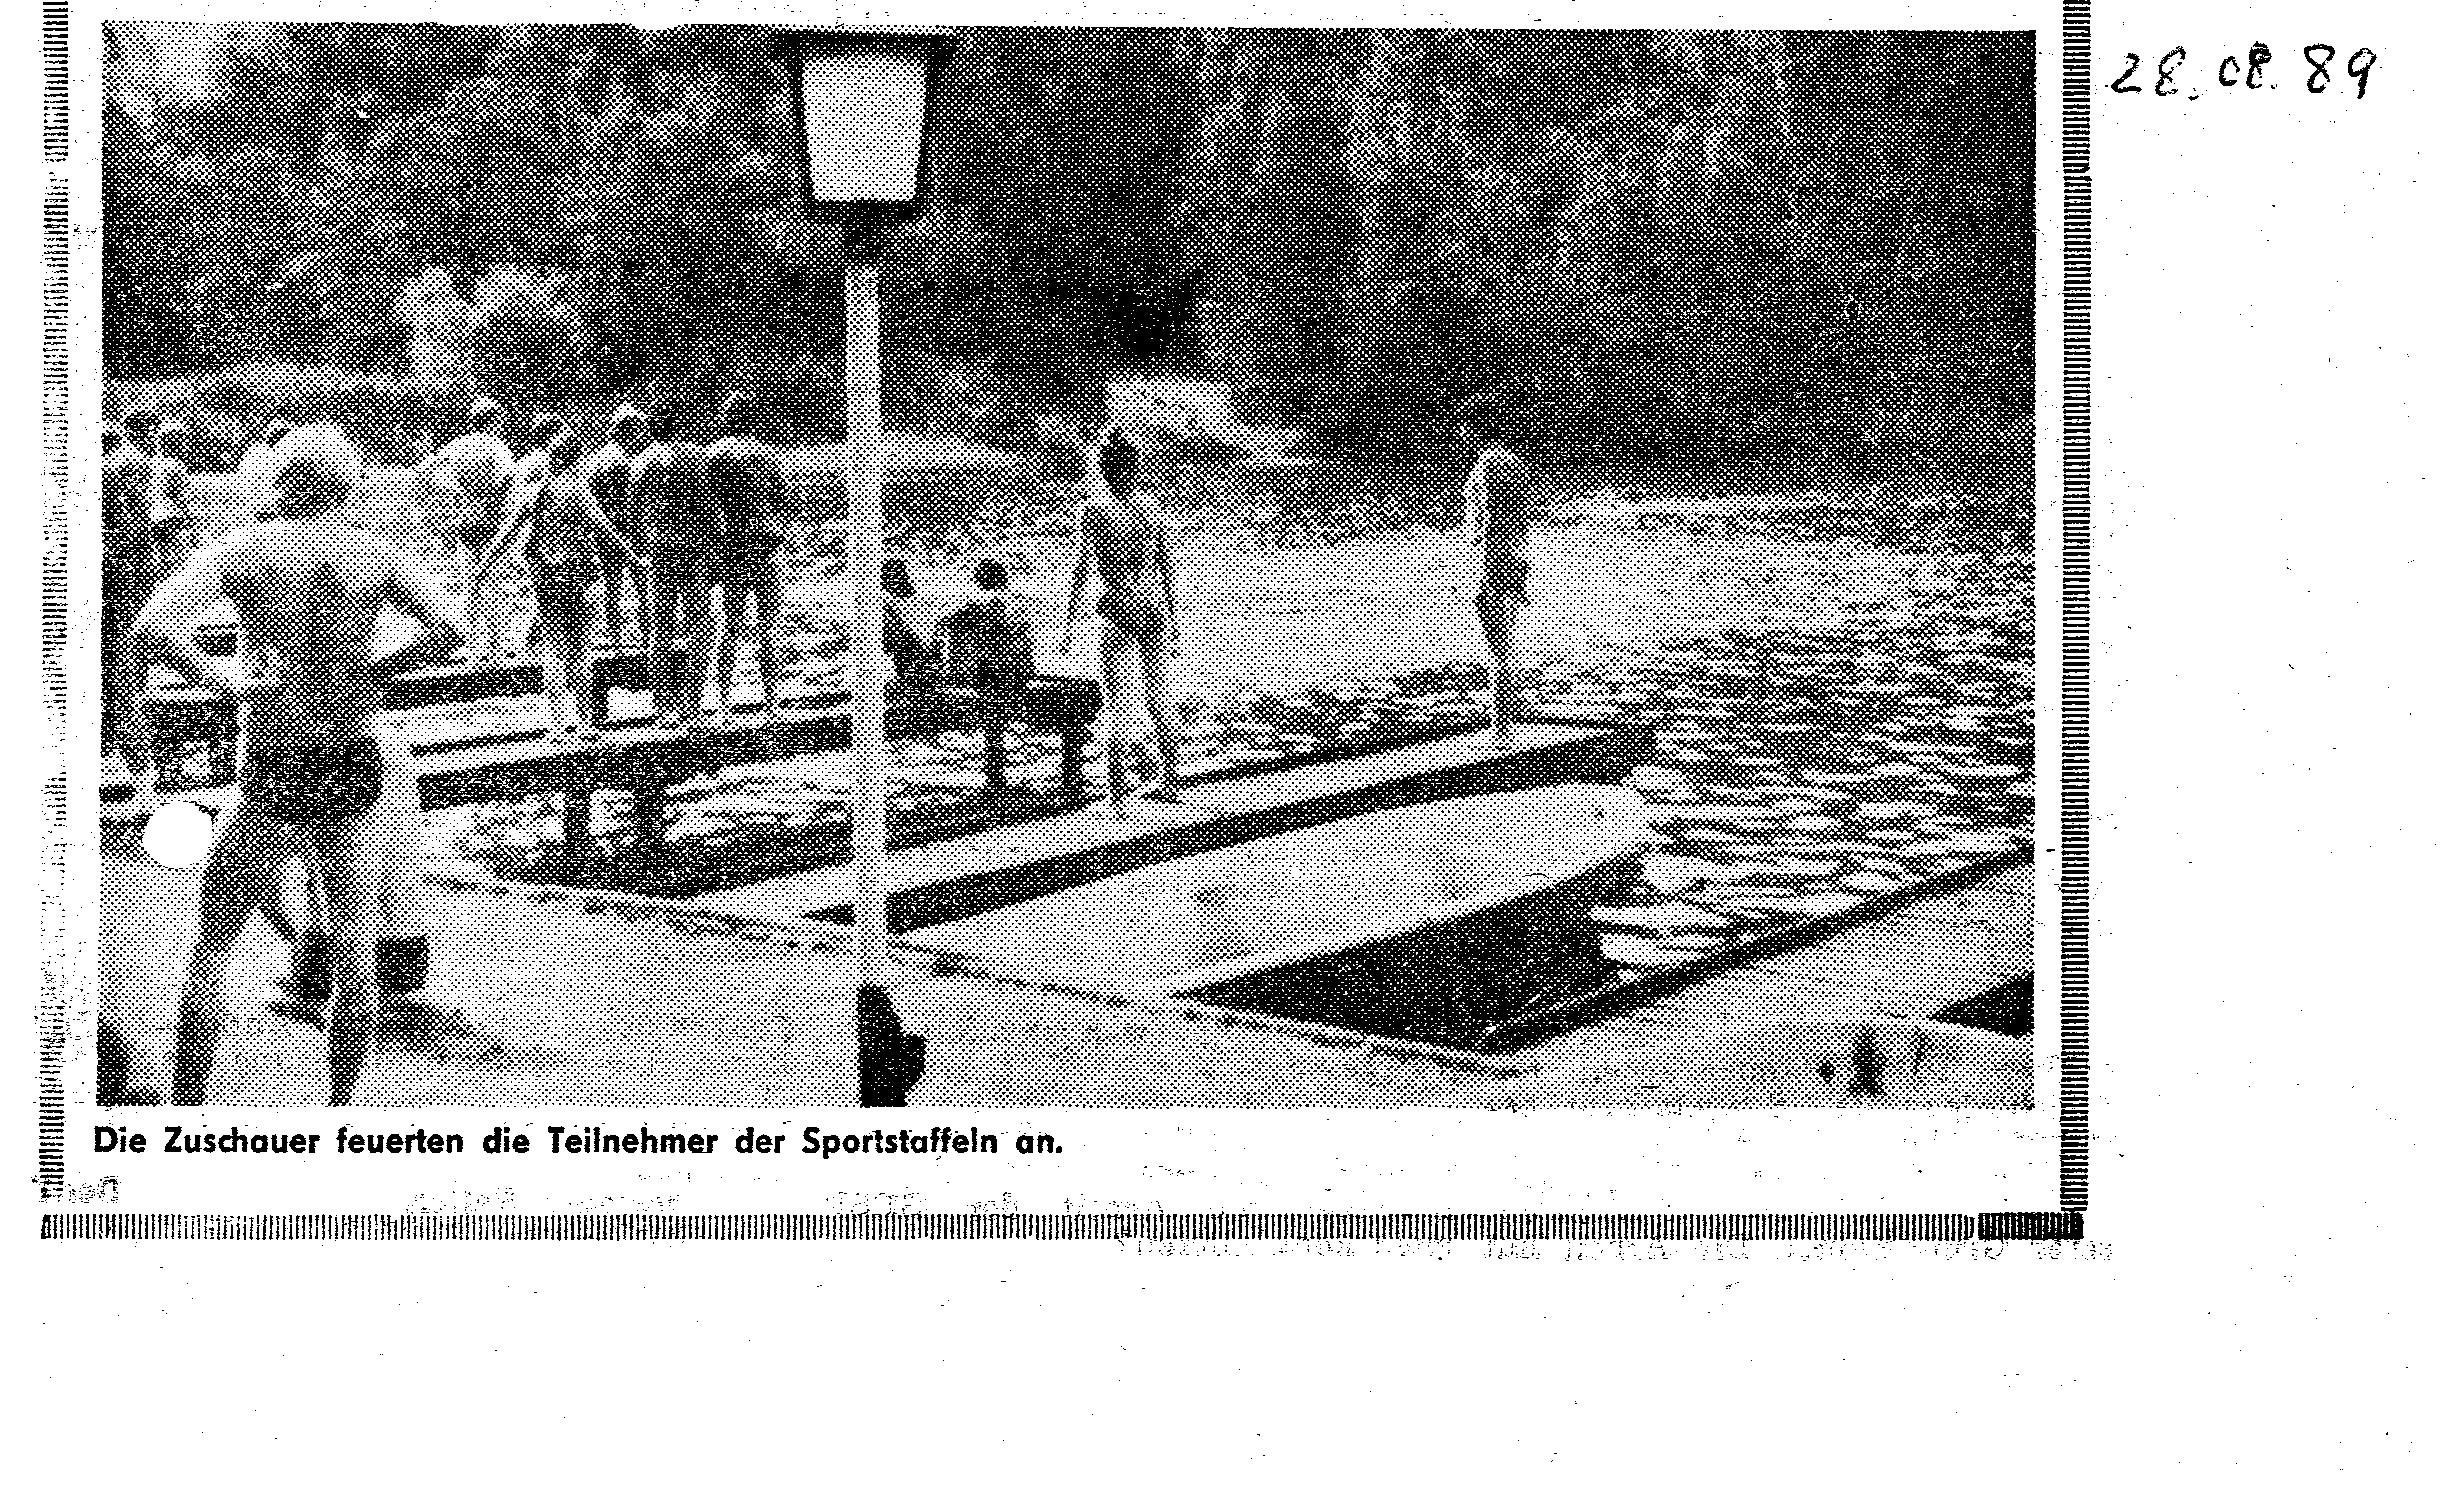 1989-08-28 Die Zuschauer feuerten die Teilnehmer der Sportstaffeln an